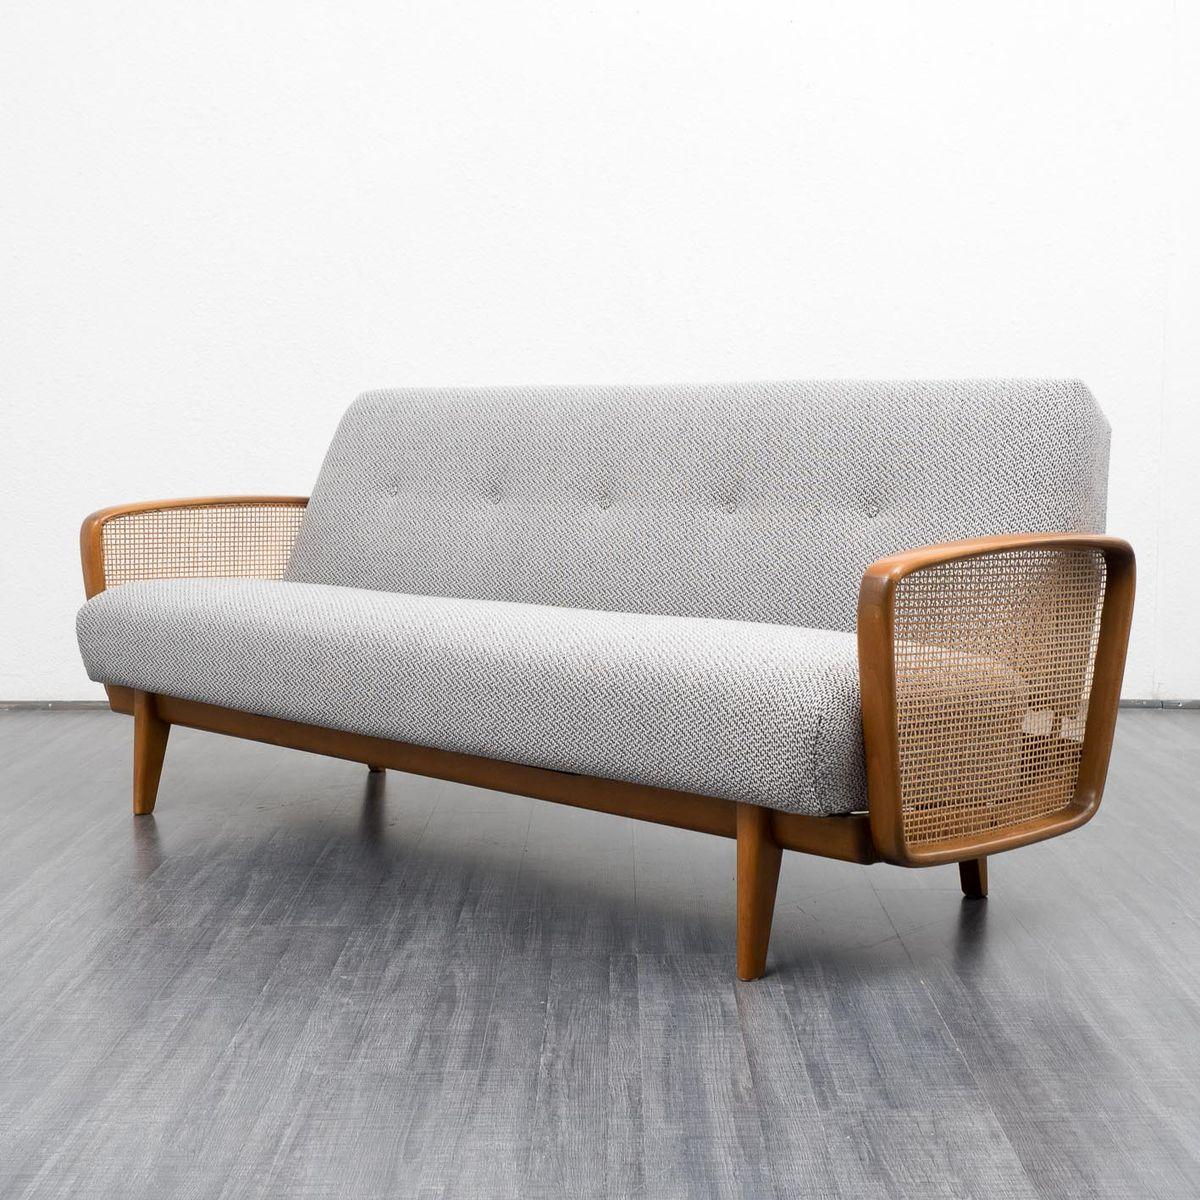 ausklappbares sofa mit salz und pfeffer muster 1950er bei pamono kaufen. Black Bedroom Furniture Sets. Home Design Ideas